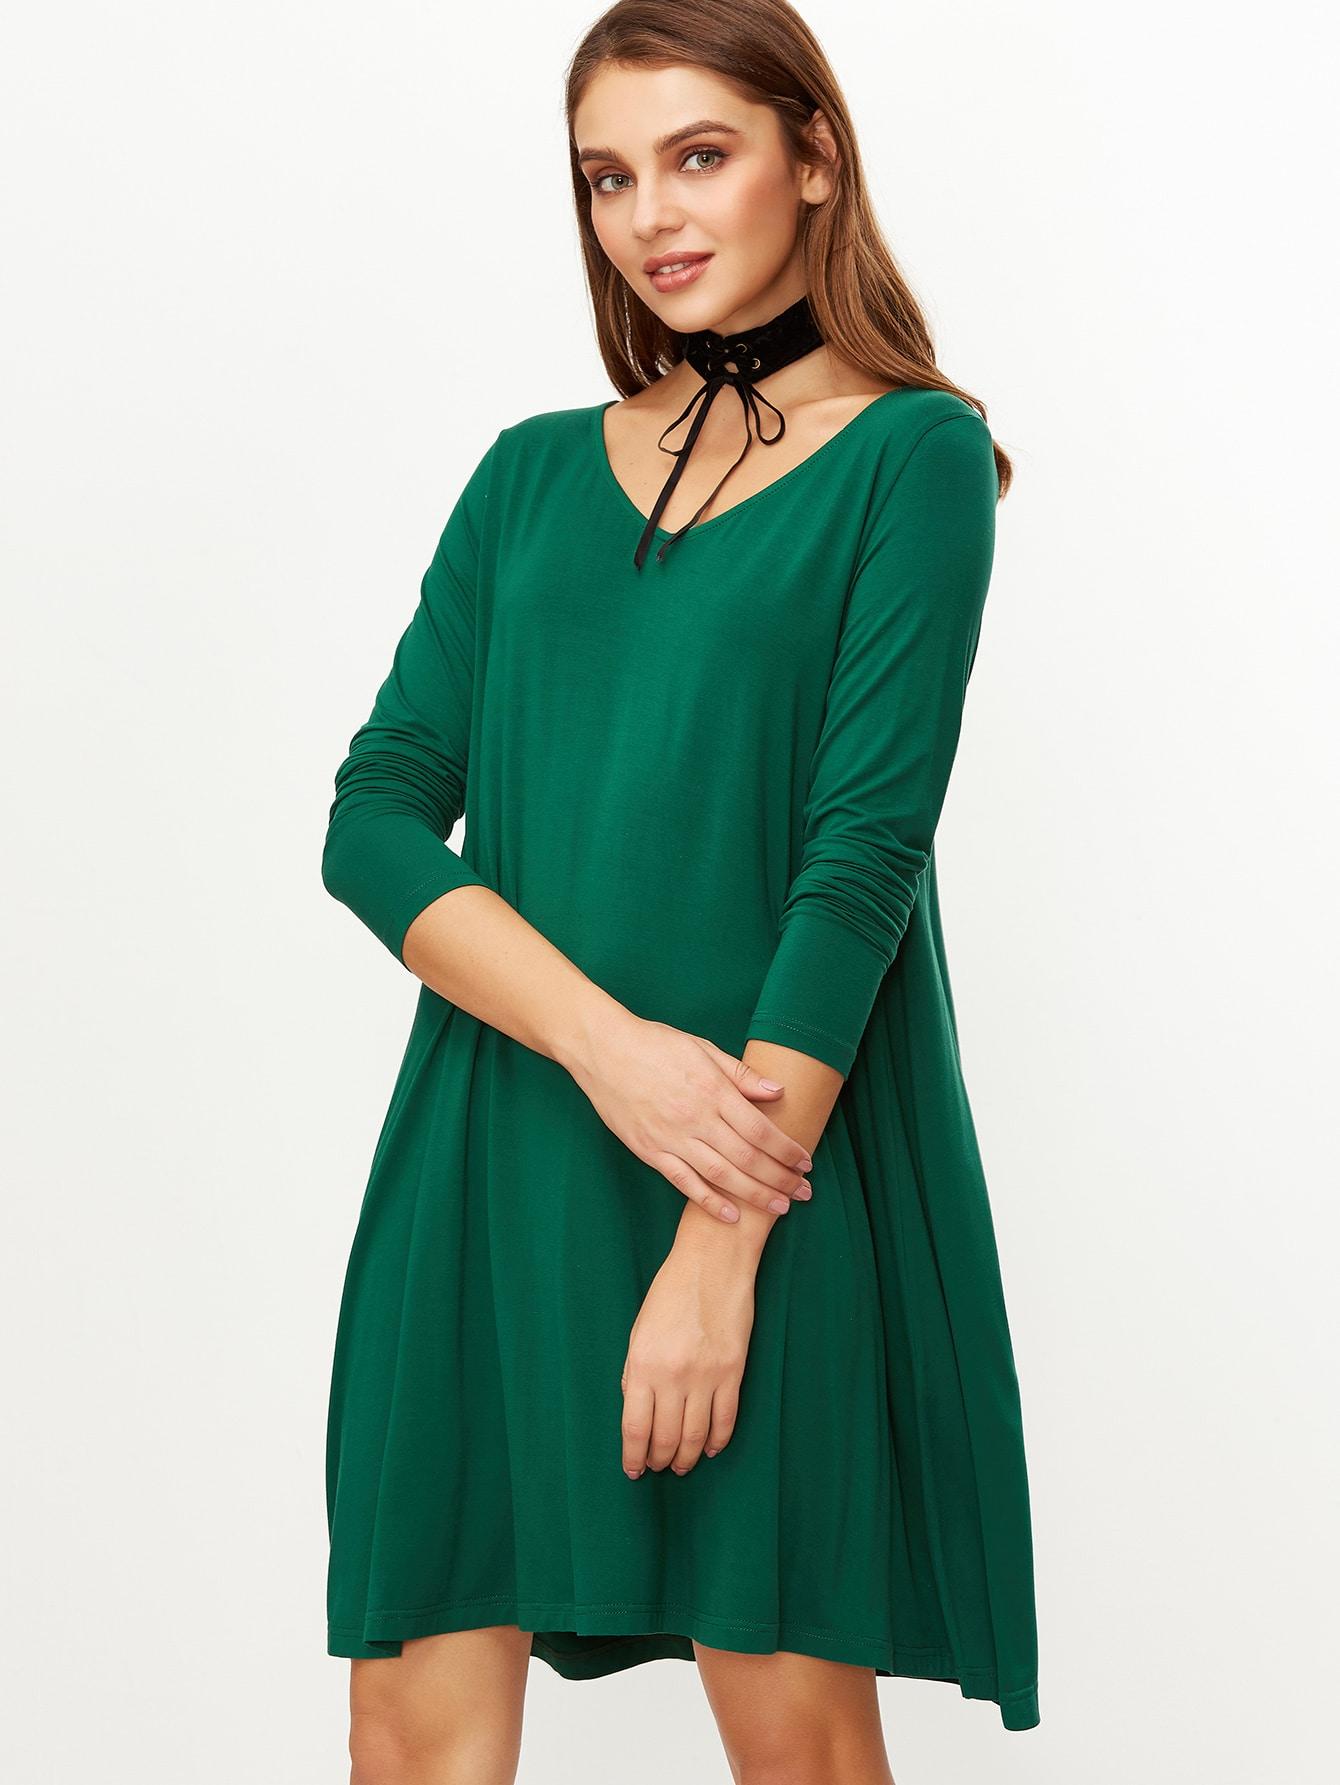 dress161110713_2